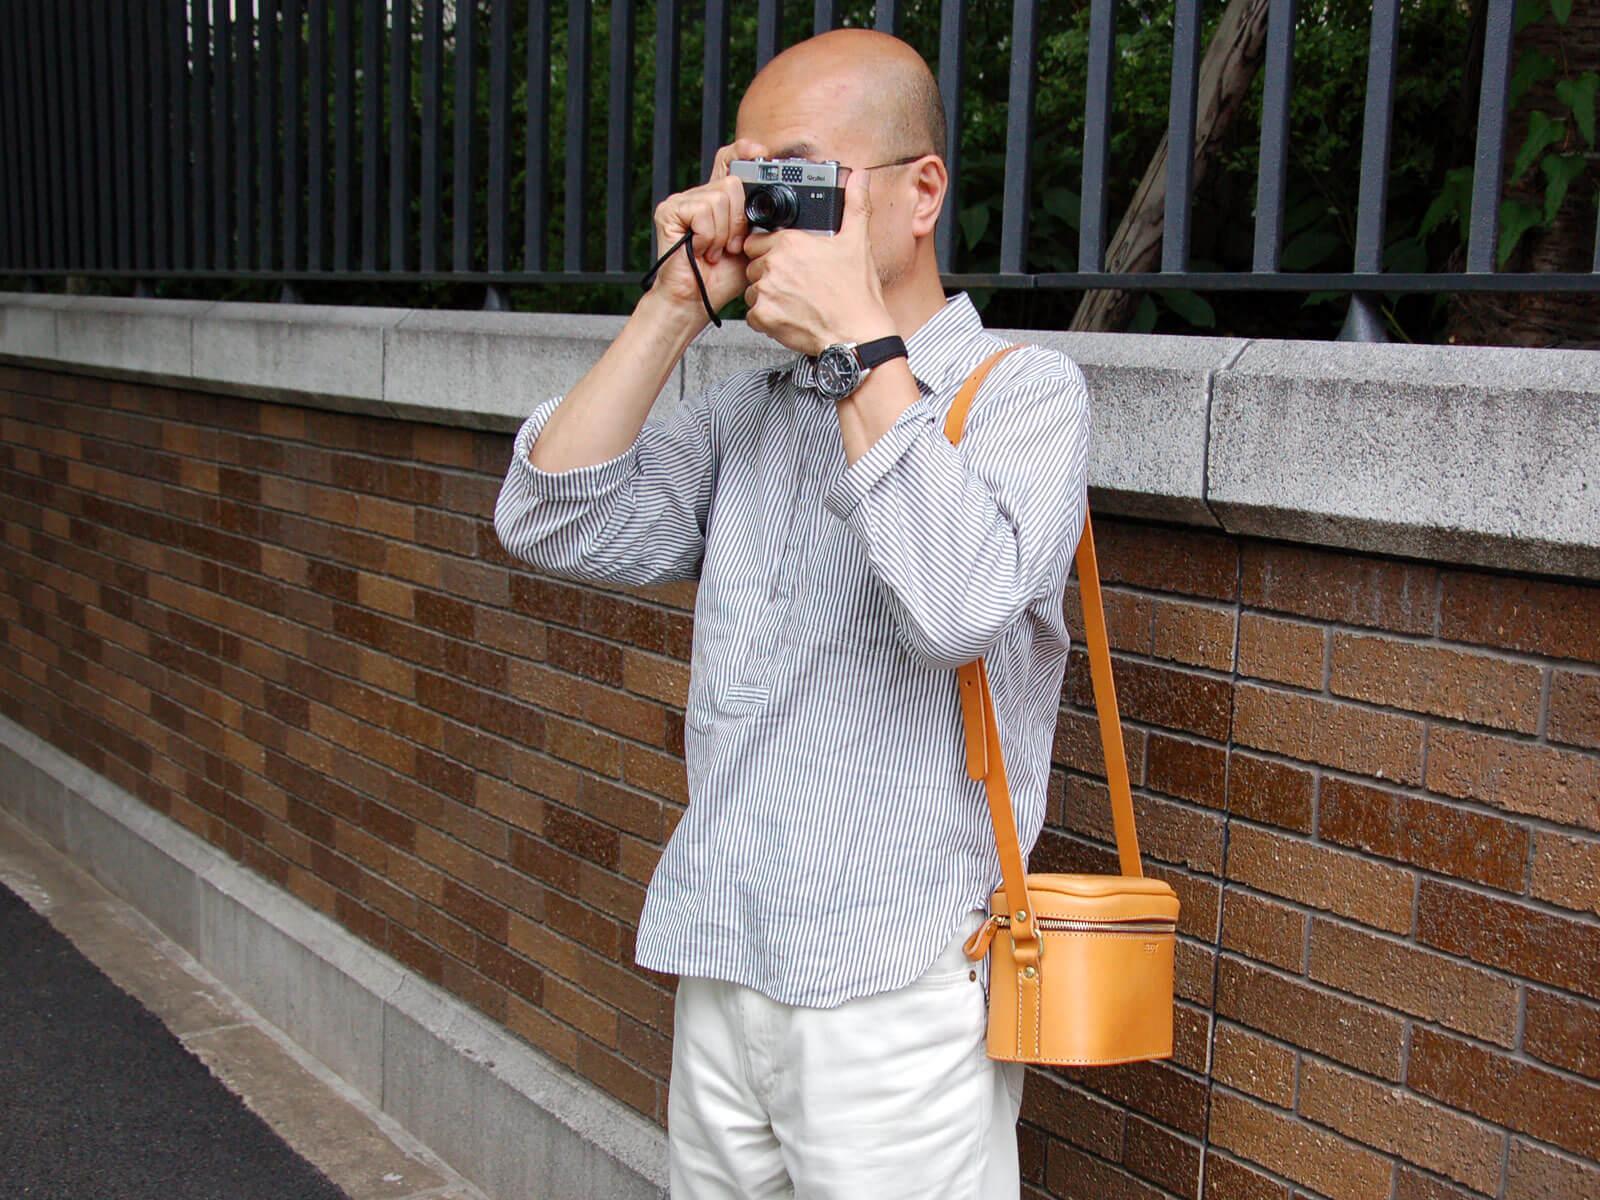 夏のカメラバッグ特集 ~日常はシャッターチャンスに溢れている~